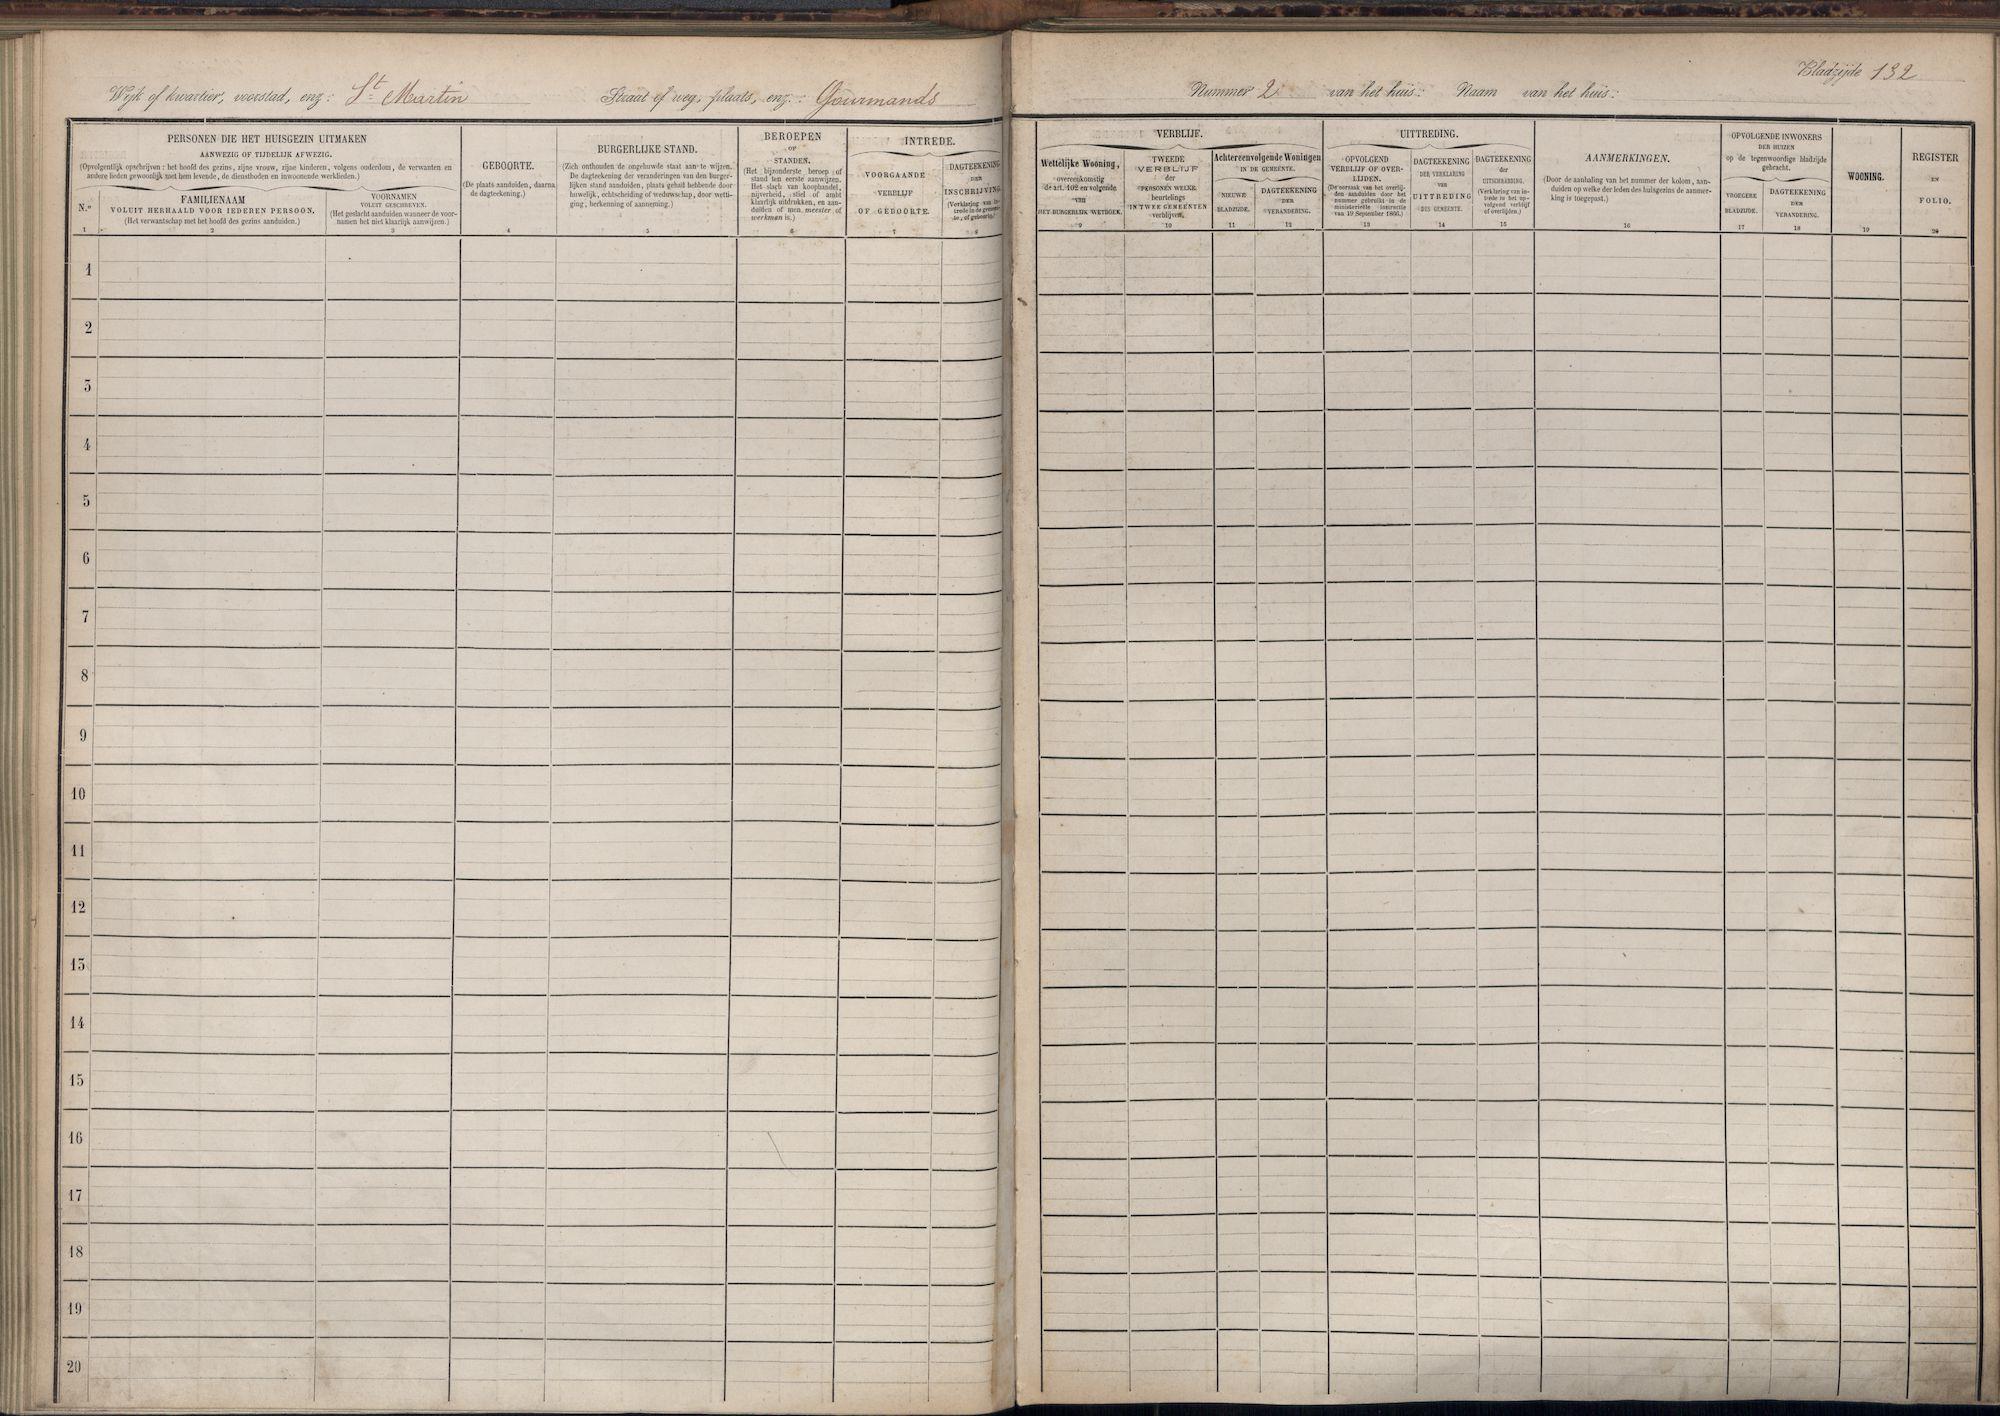 1880_18_130.tif